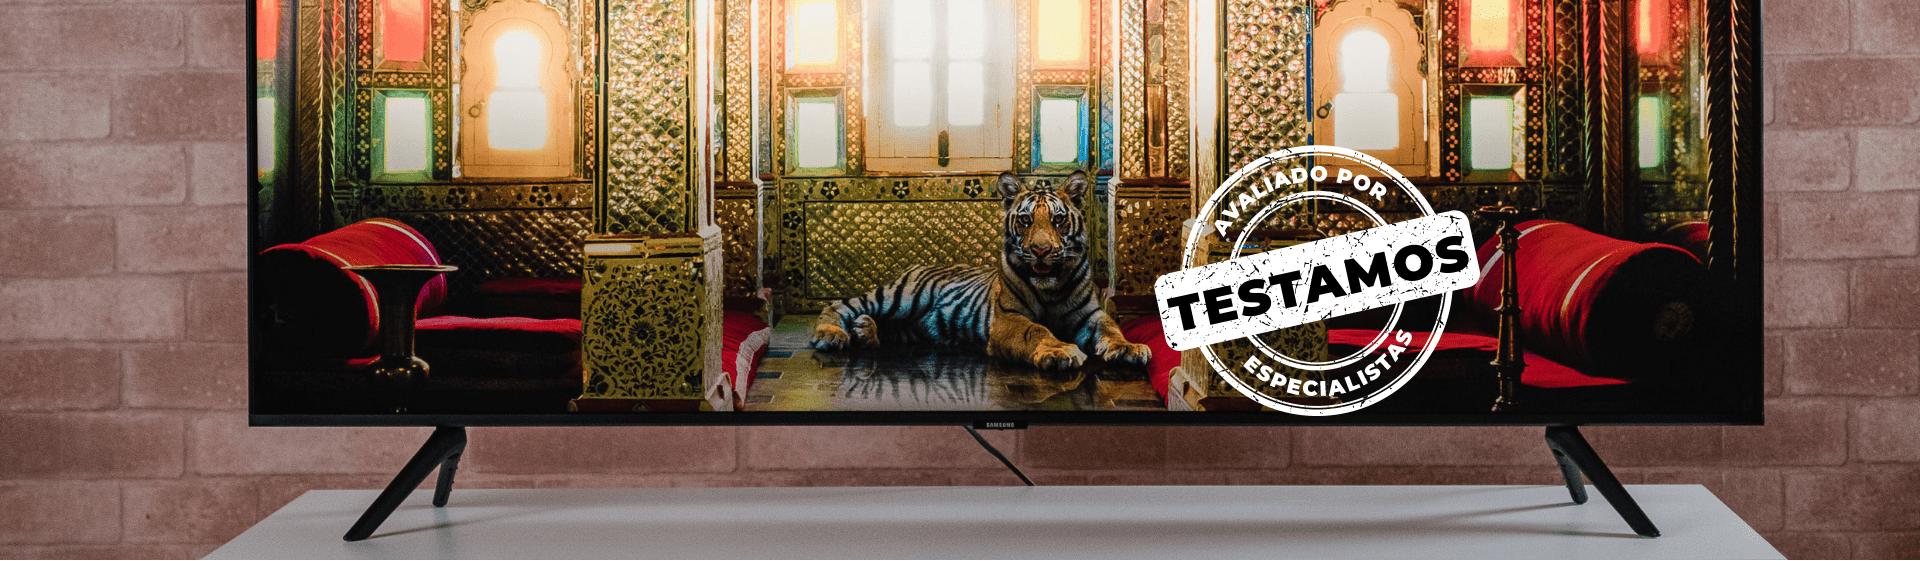 TV Samsung TU8000: qualidade de imagem e bom custo-benefício